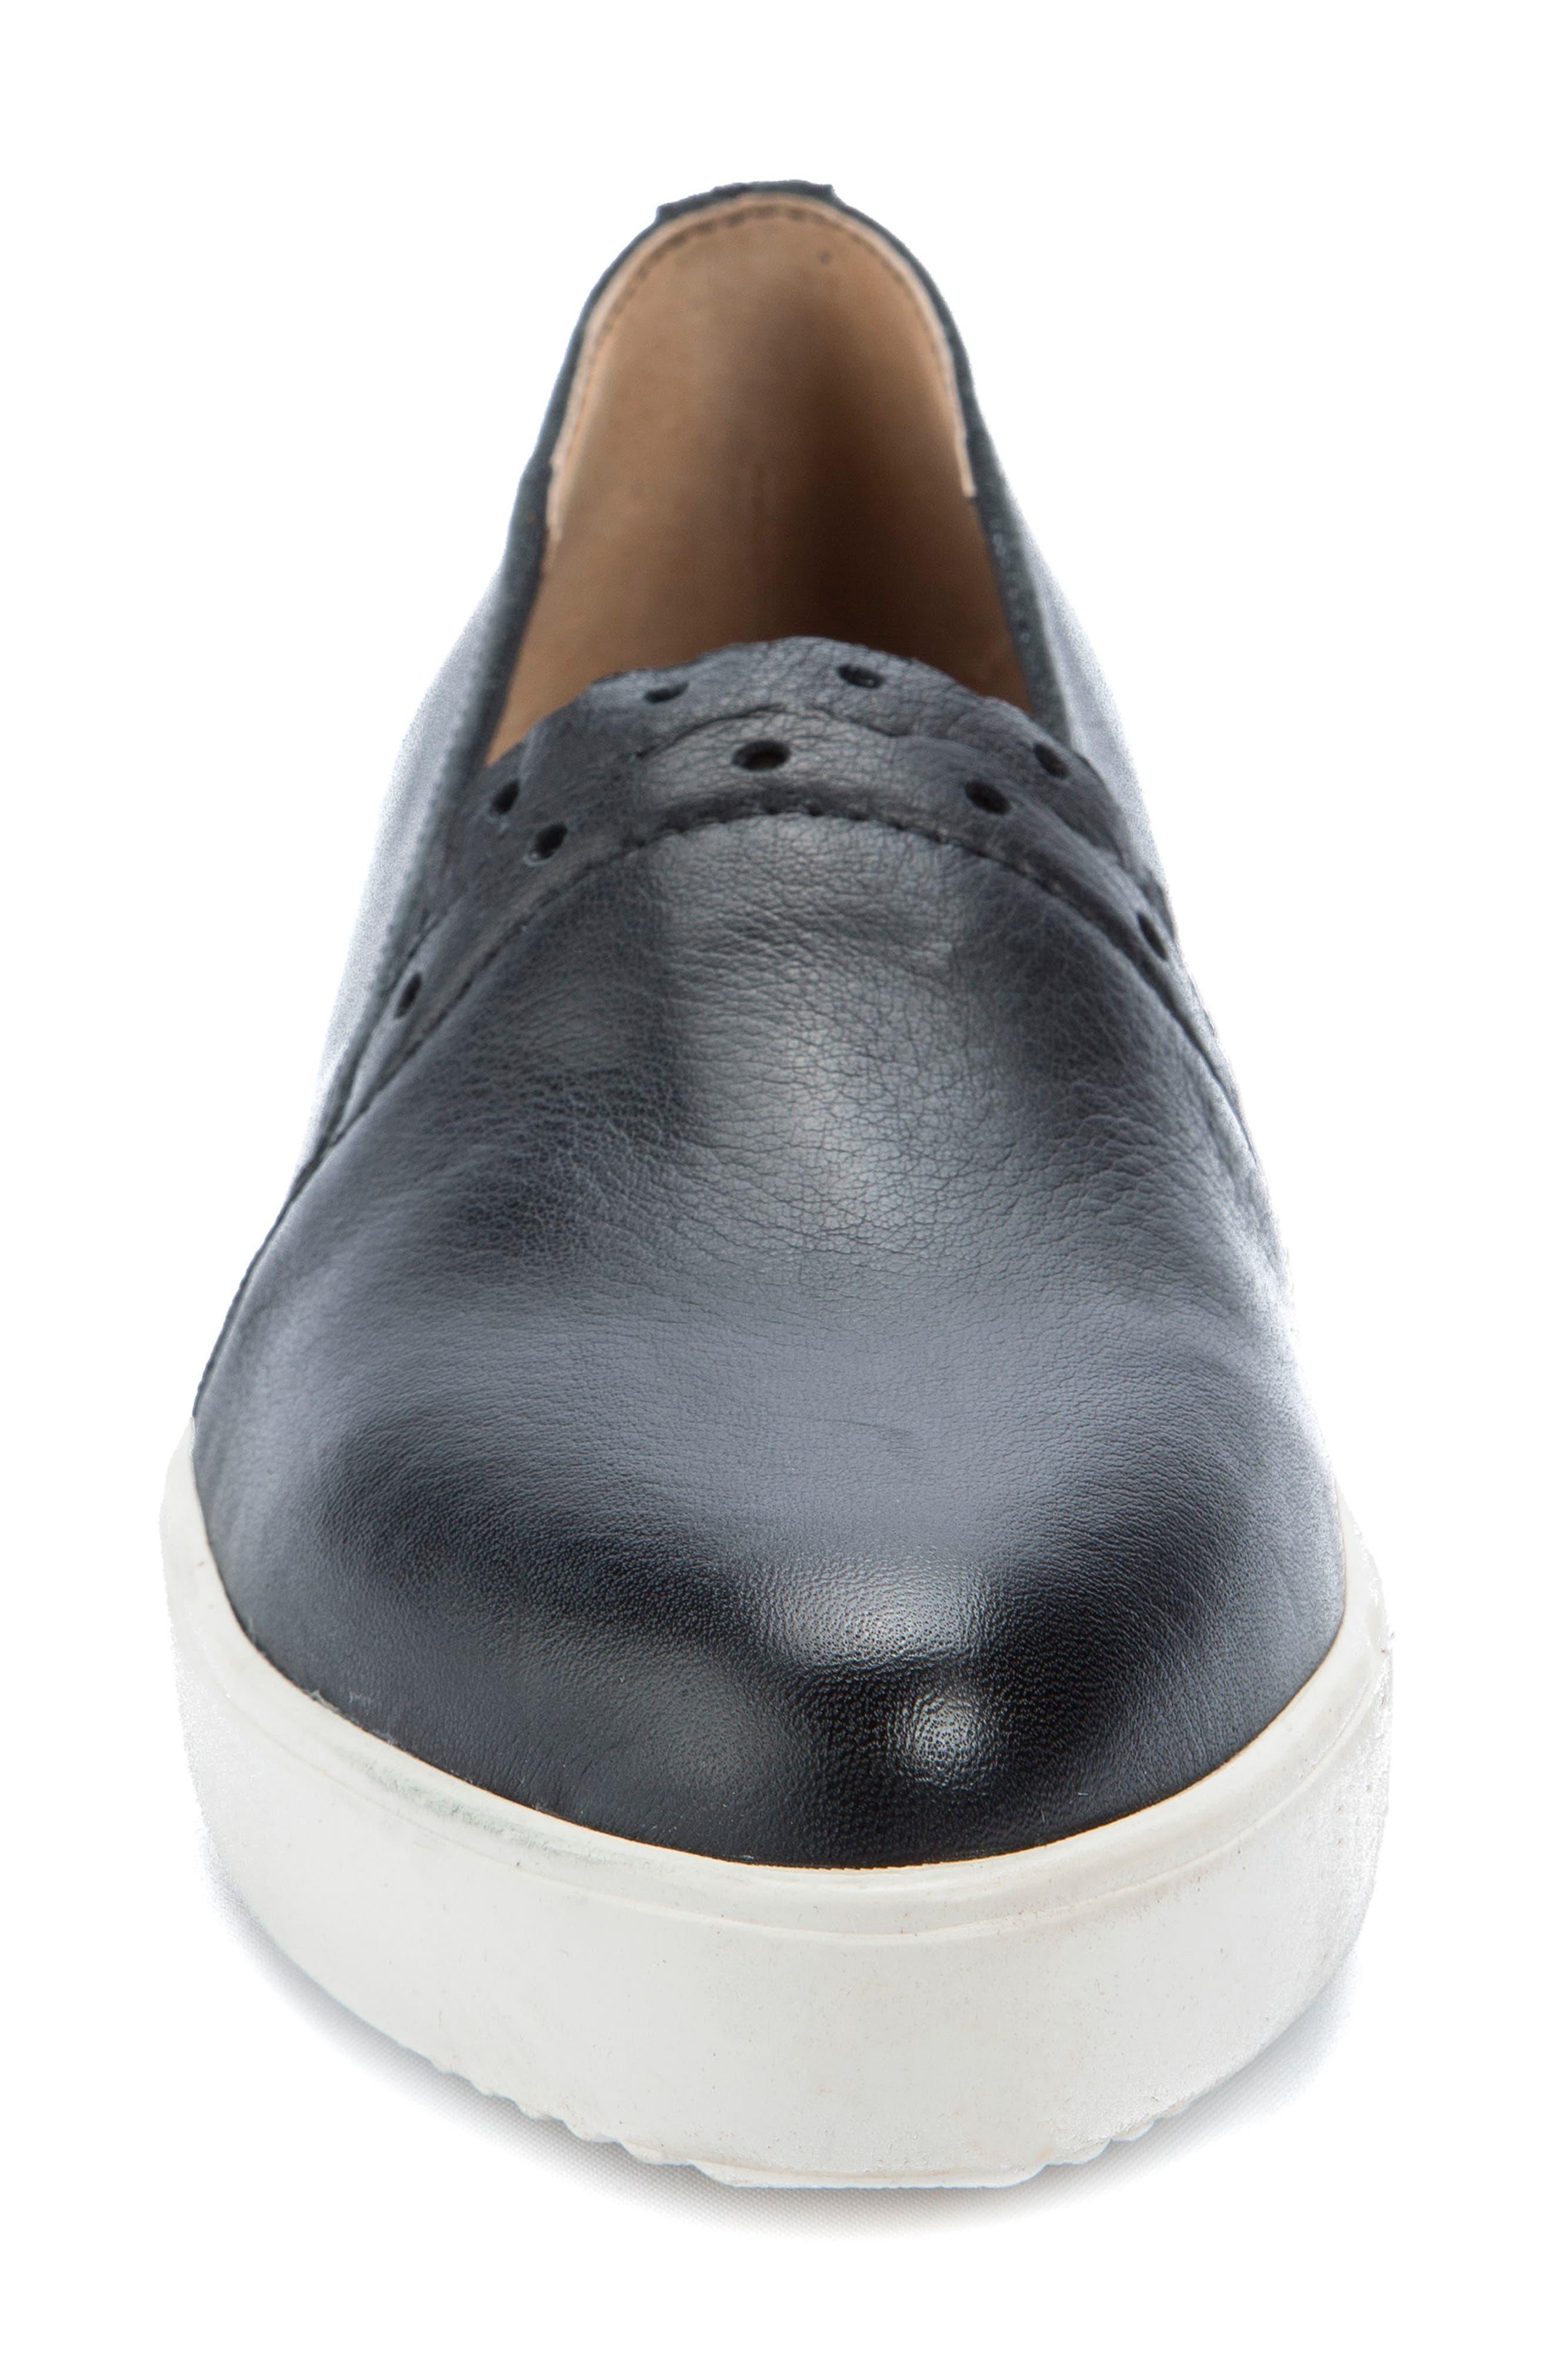 Roe Slip-On Sneaker,                             Alternate thumbnail 4, color,                             001